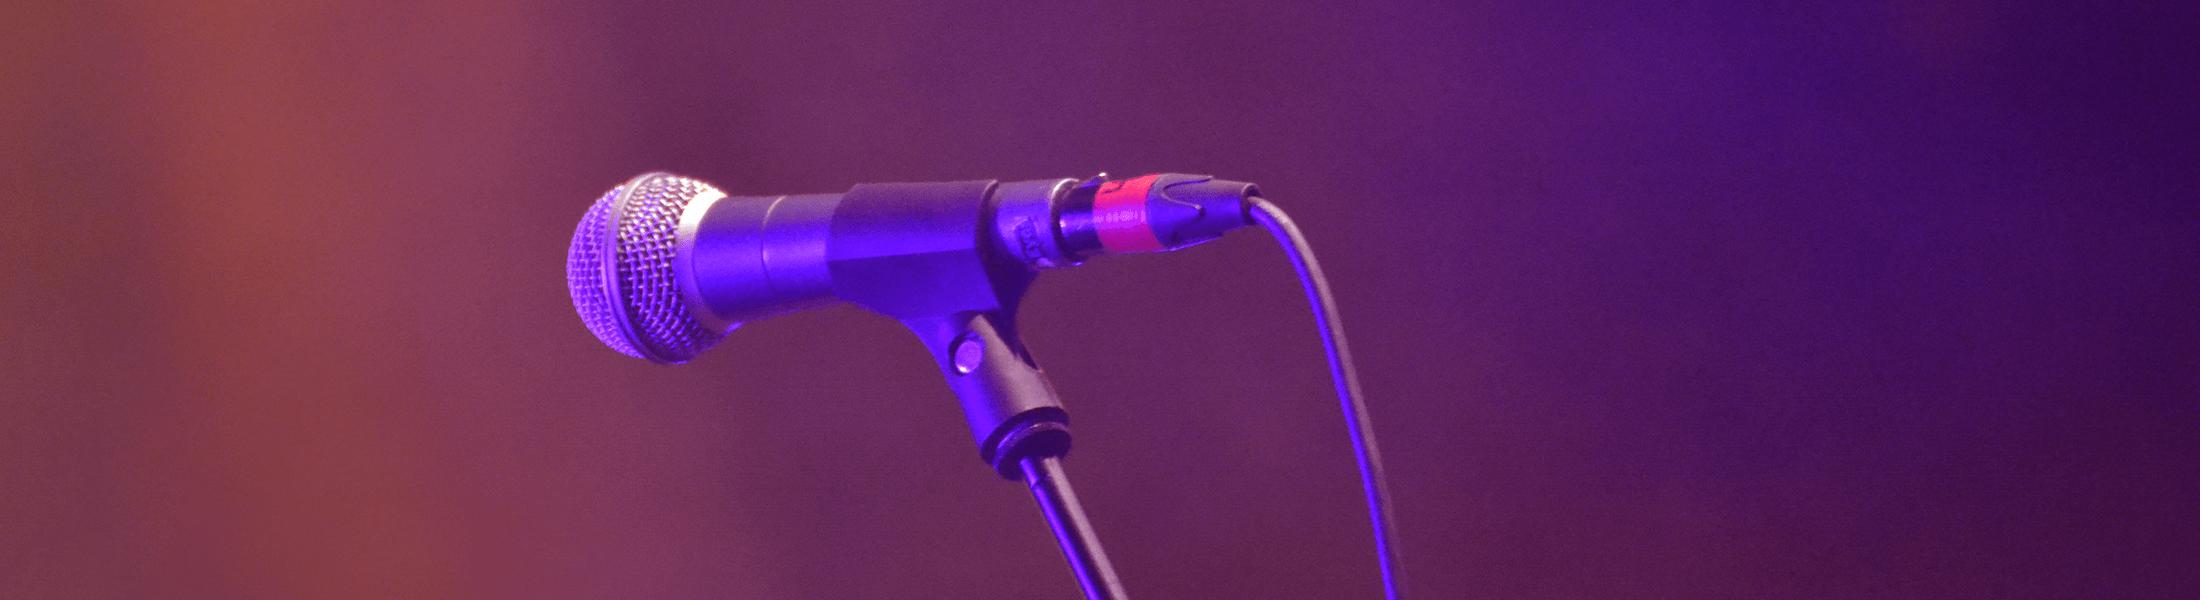 Kurt Hohnholz - Kuddel Ihr Musiker